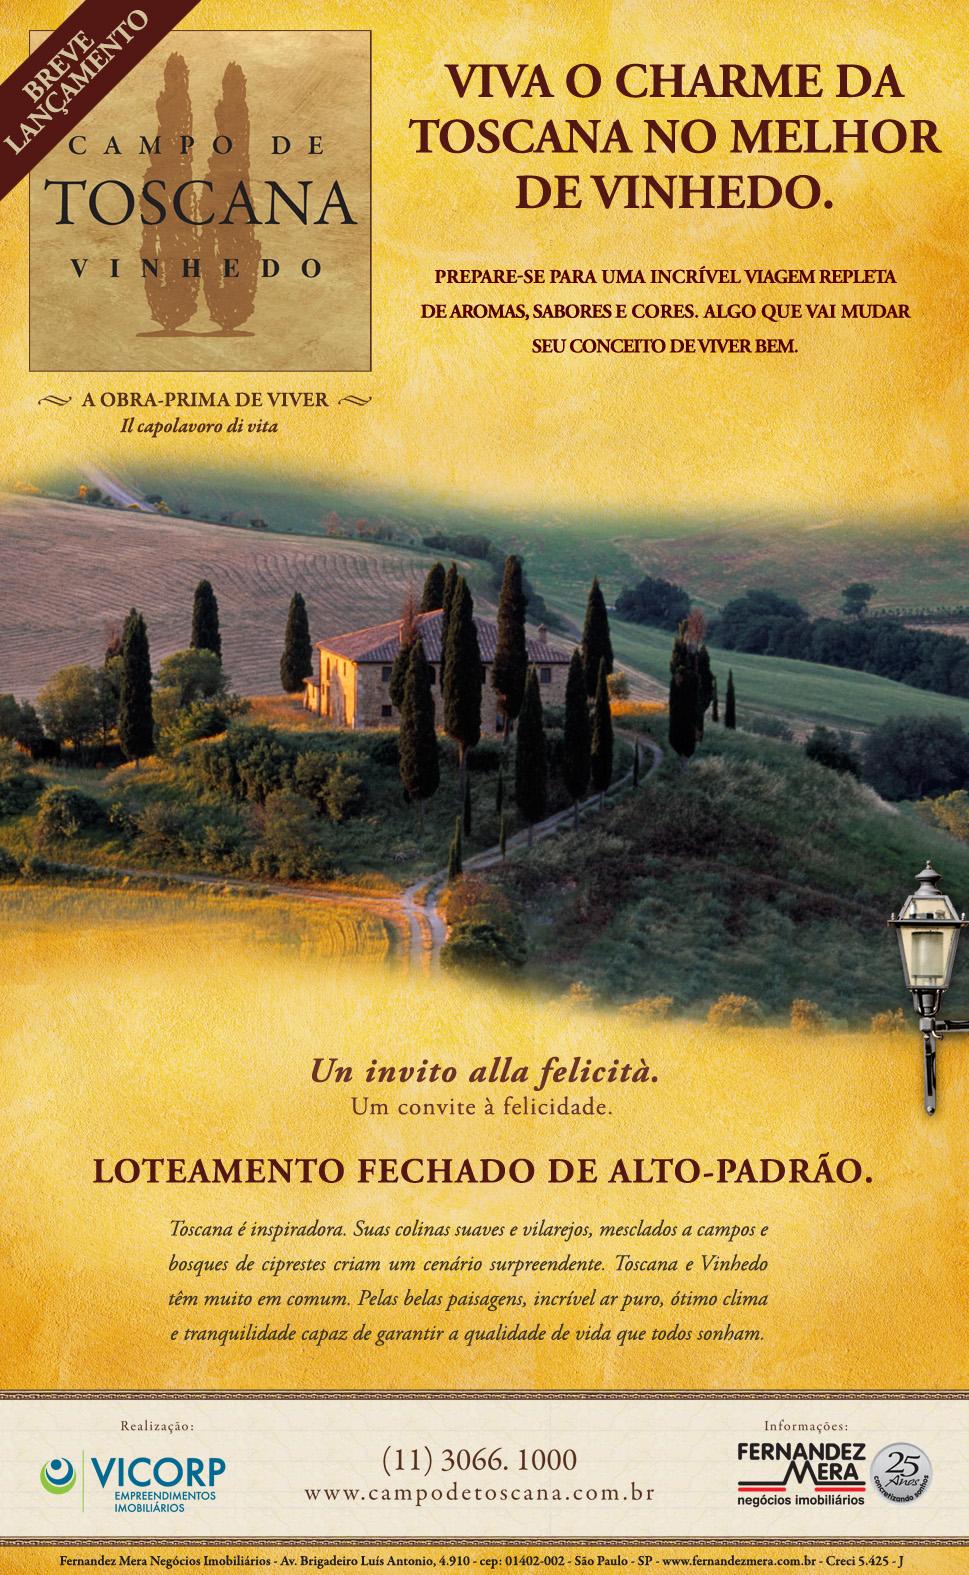 Campo de Toscana 1